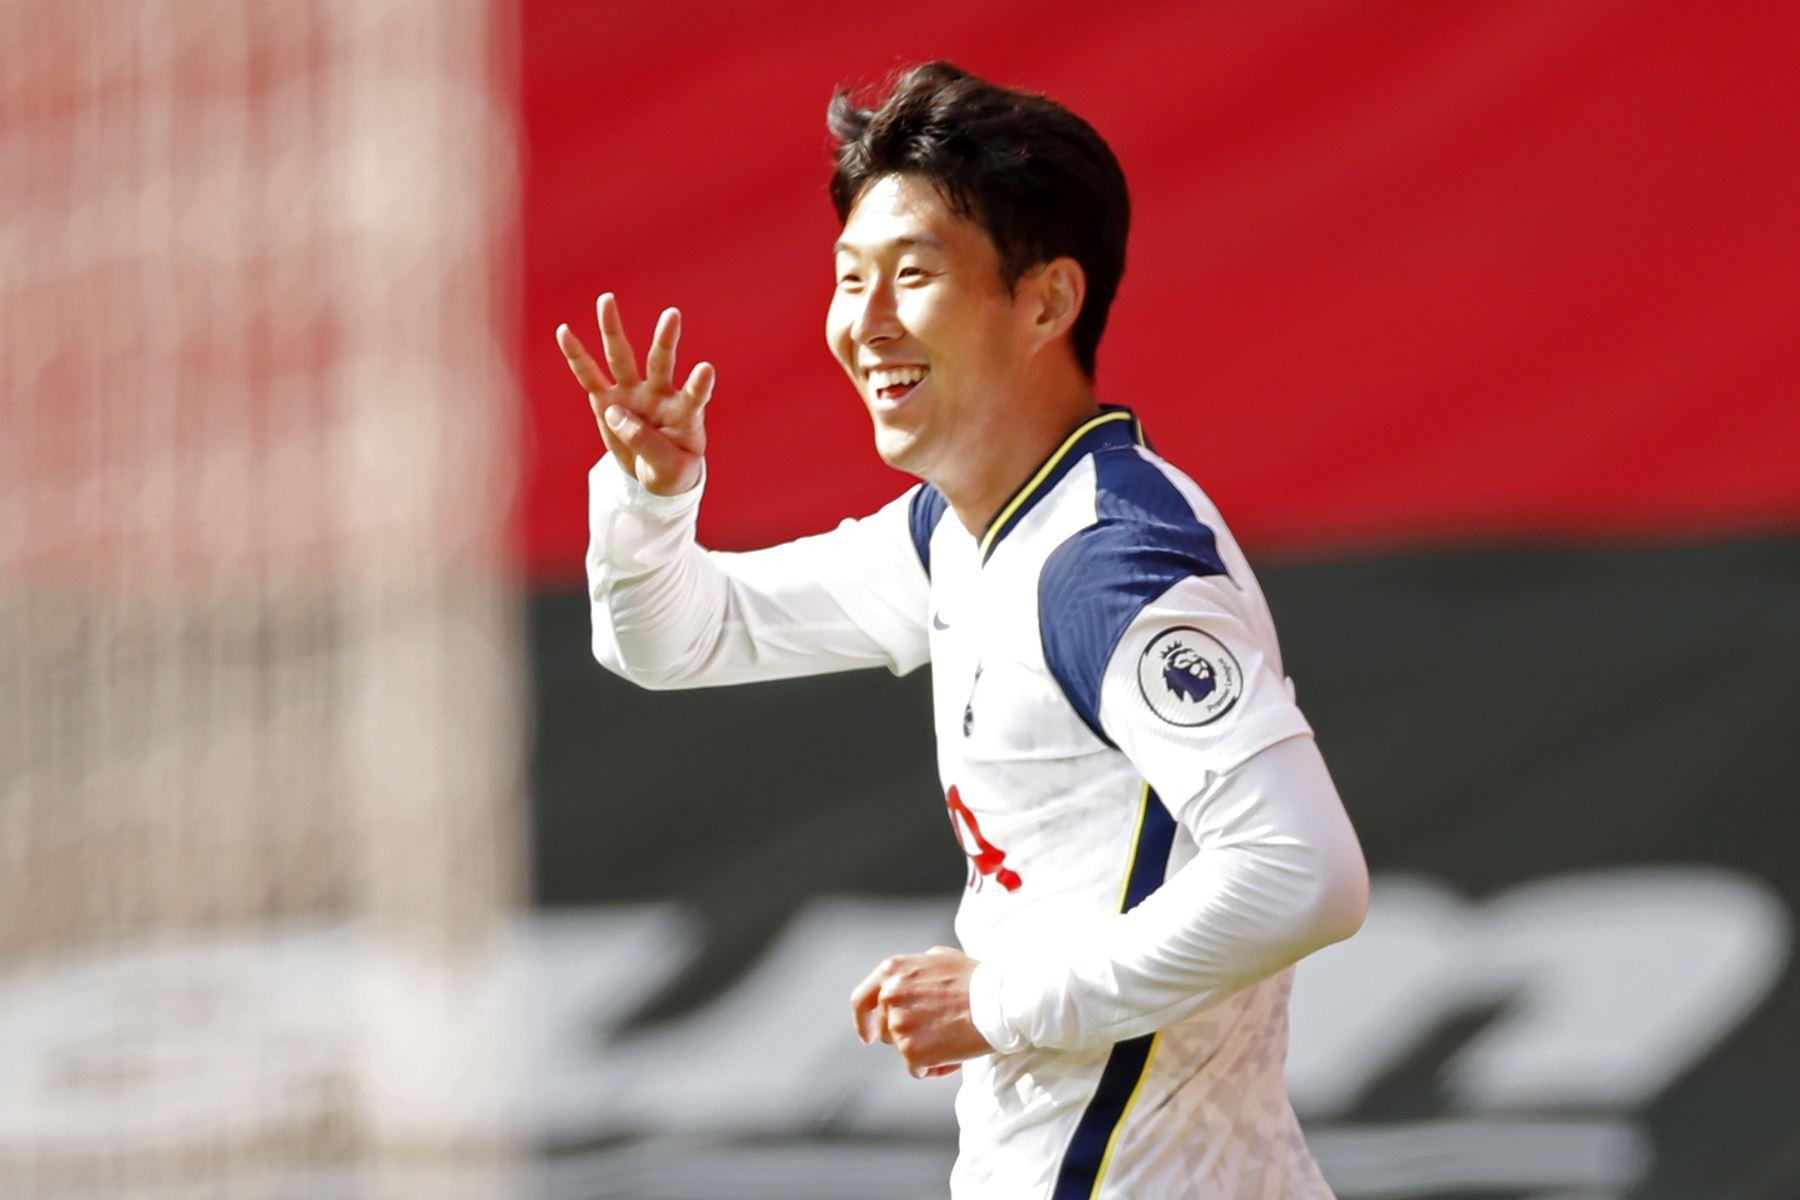 El delantero surcoreano del Tottenham Hotspur, Son Heung-Min, celebra su cuarto gol durante el partido de fútbol de la Premier League. Foto: AFP